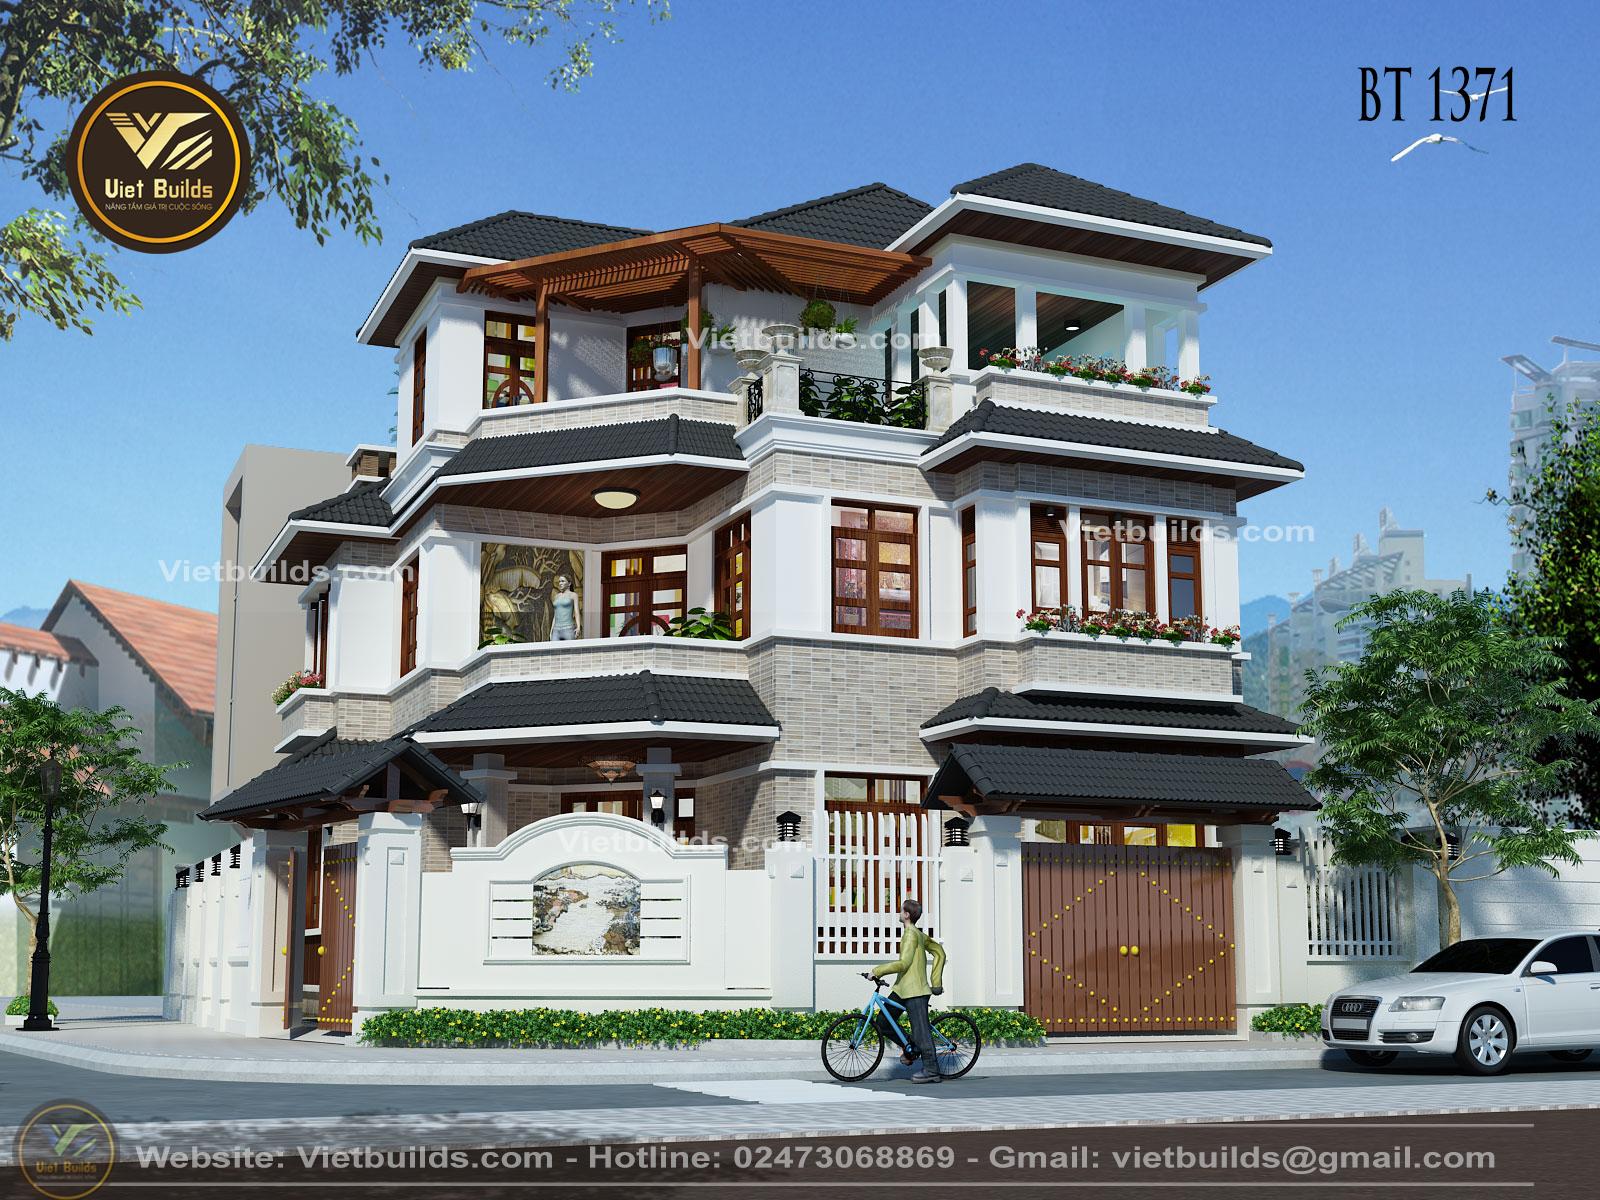 Mẫu thiết kế nhà 2 mặt tiền đẹp BT1371